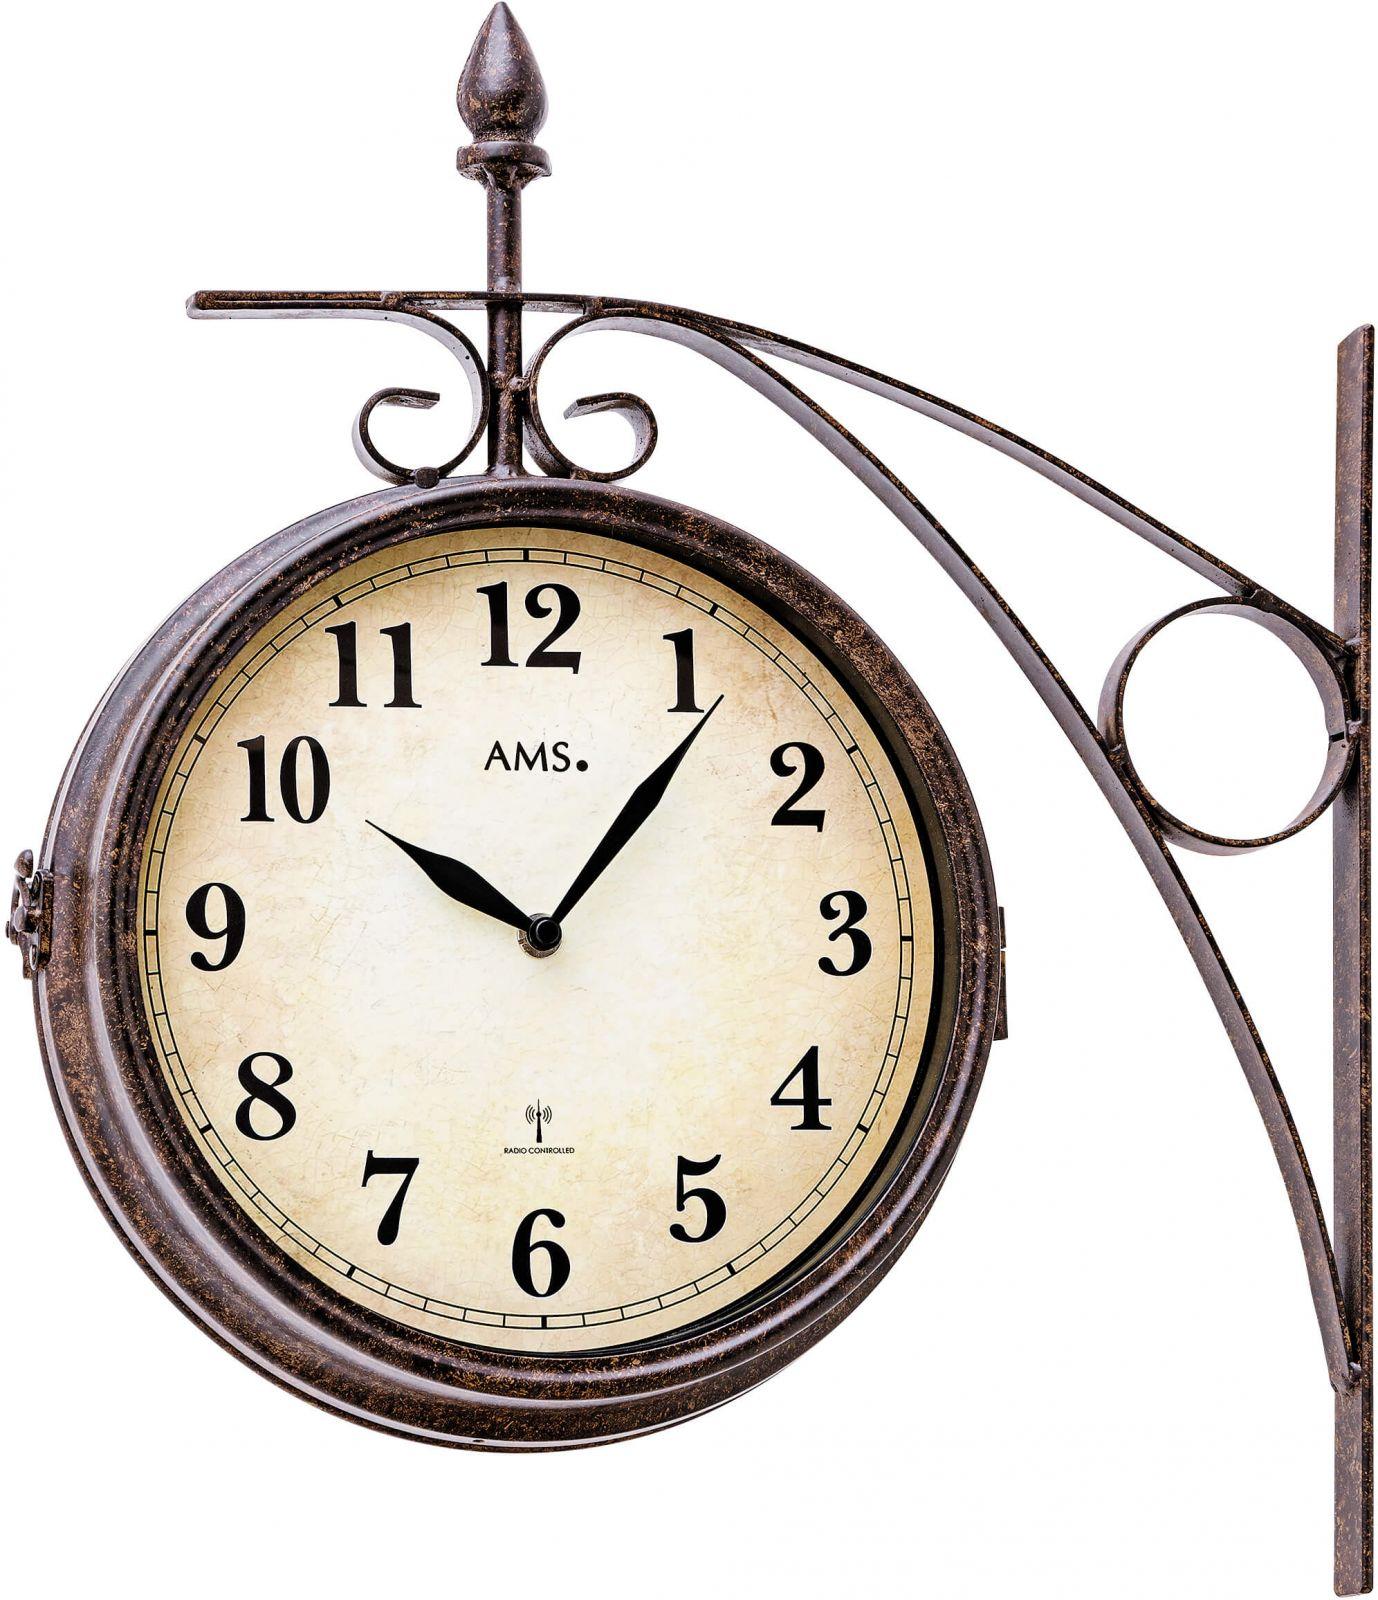 Nástěnné hodiny rádiem řízený čas ams 5966 venkovní hodiny